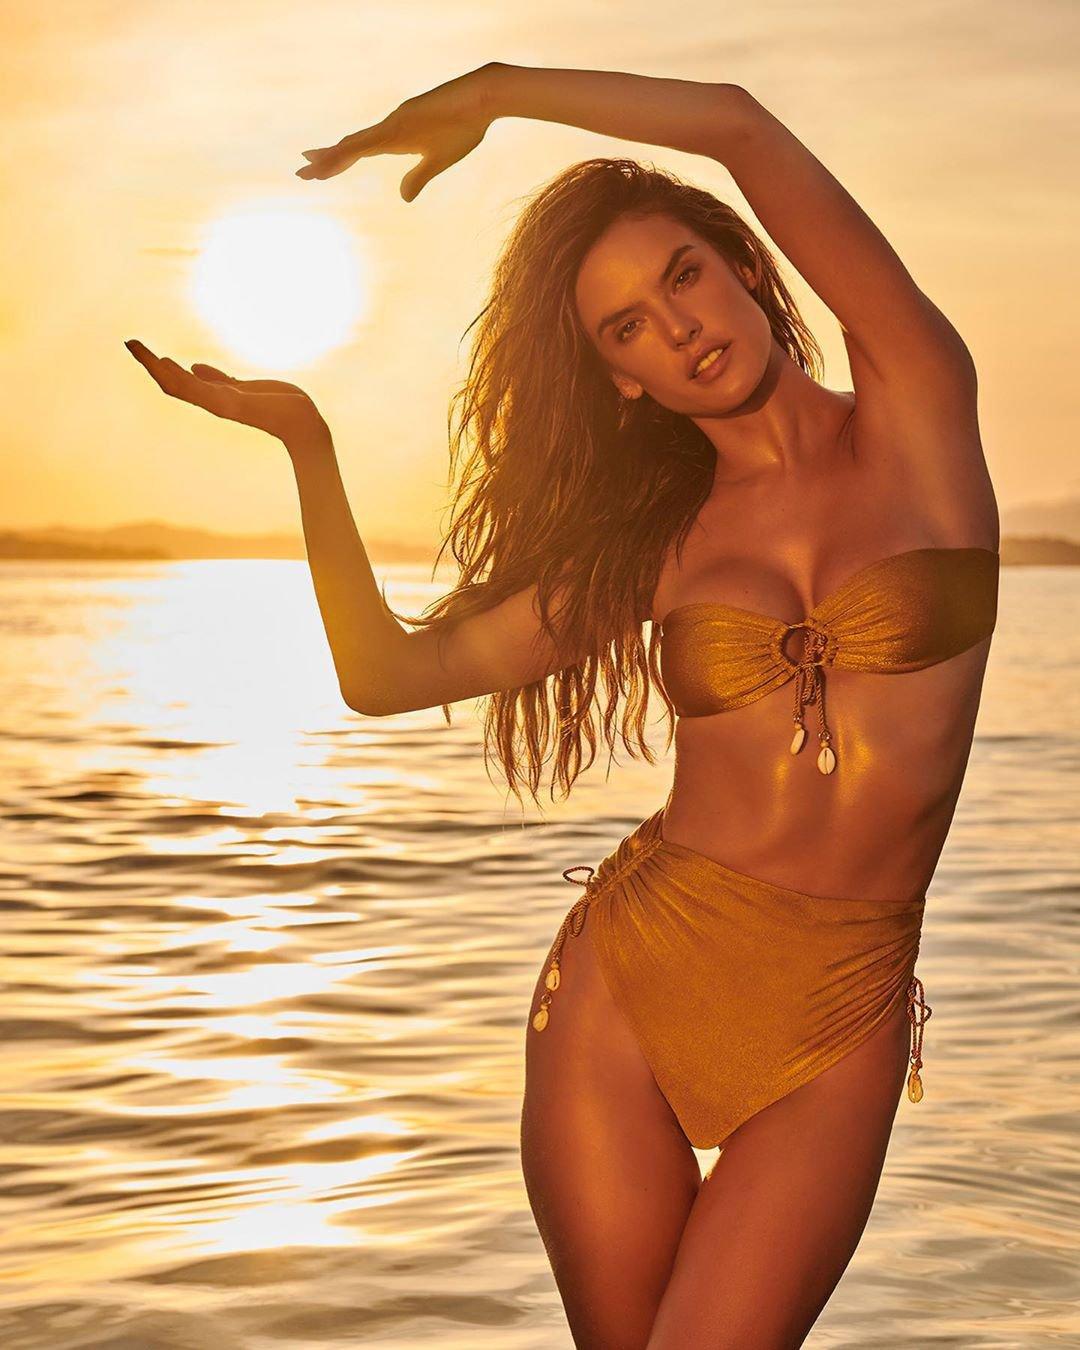 Alessandra Ambrosio Sexy In A Bikini